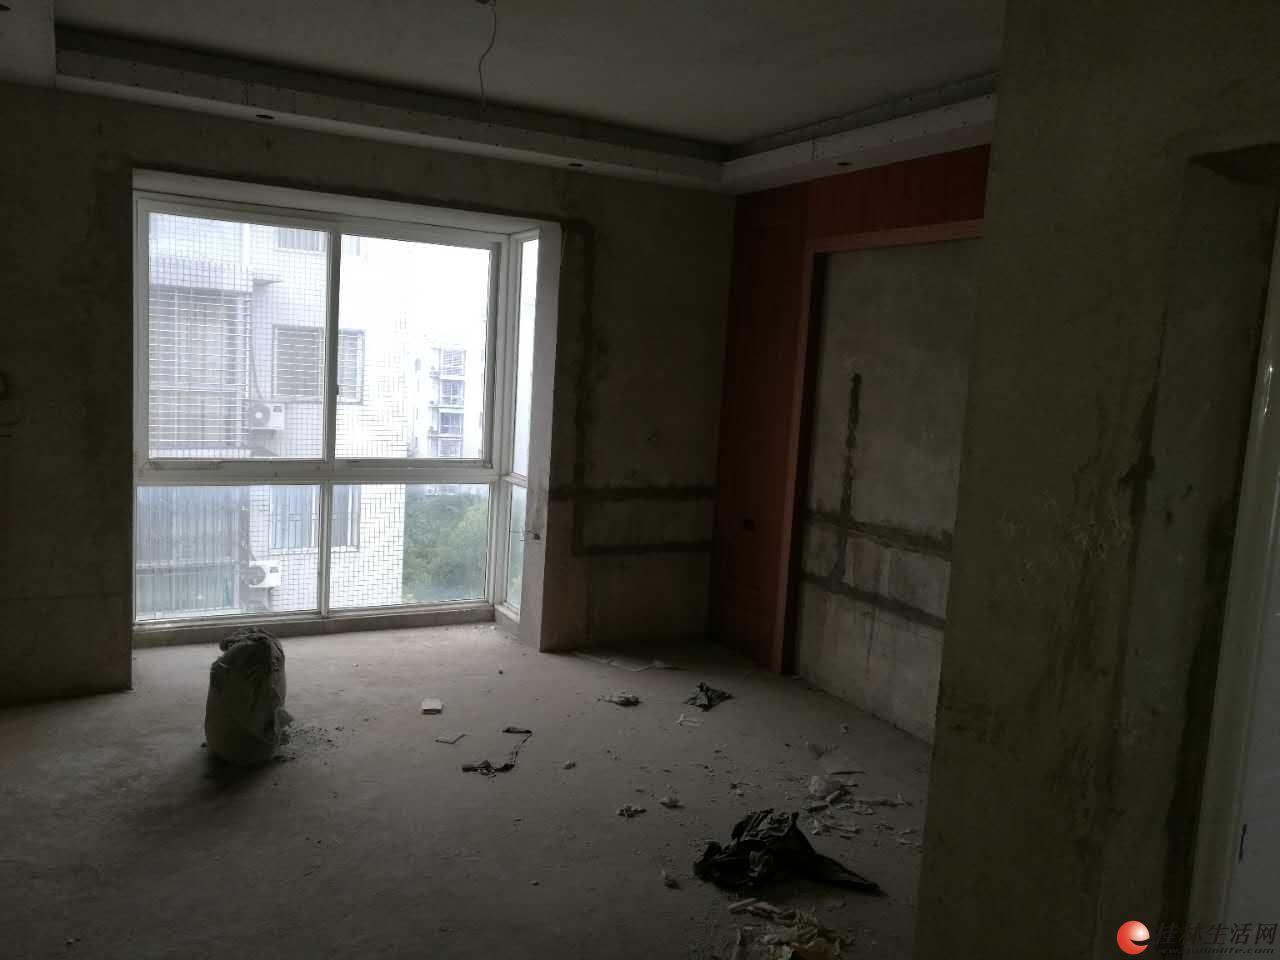 灵川丽江美岸复式楼236平方米出售,装修了一半